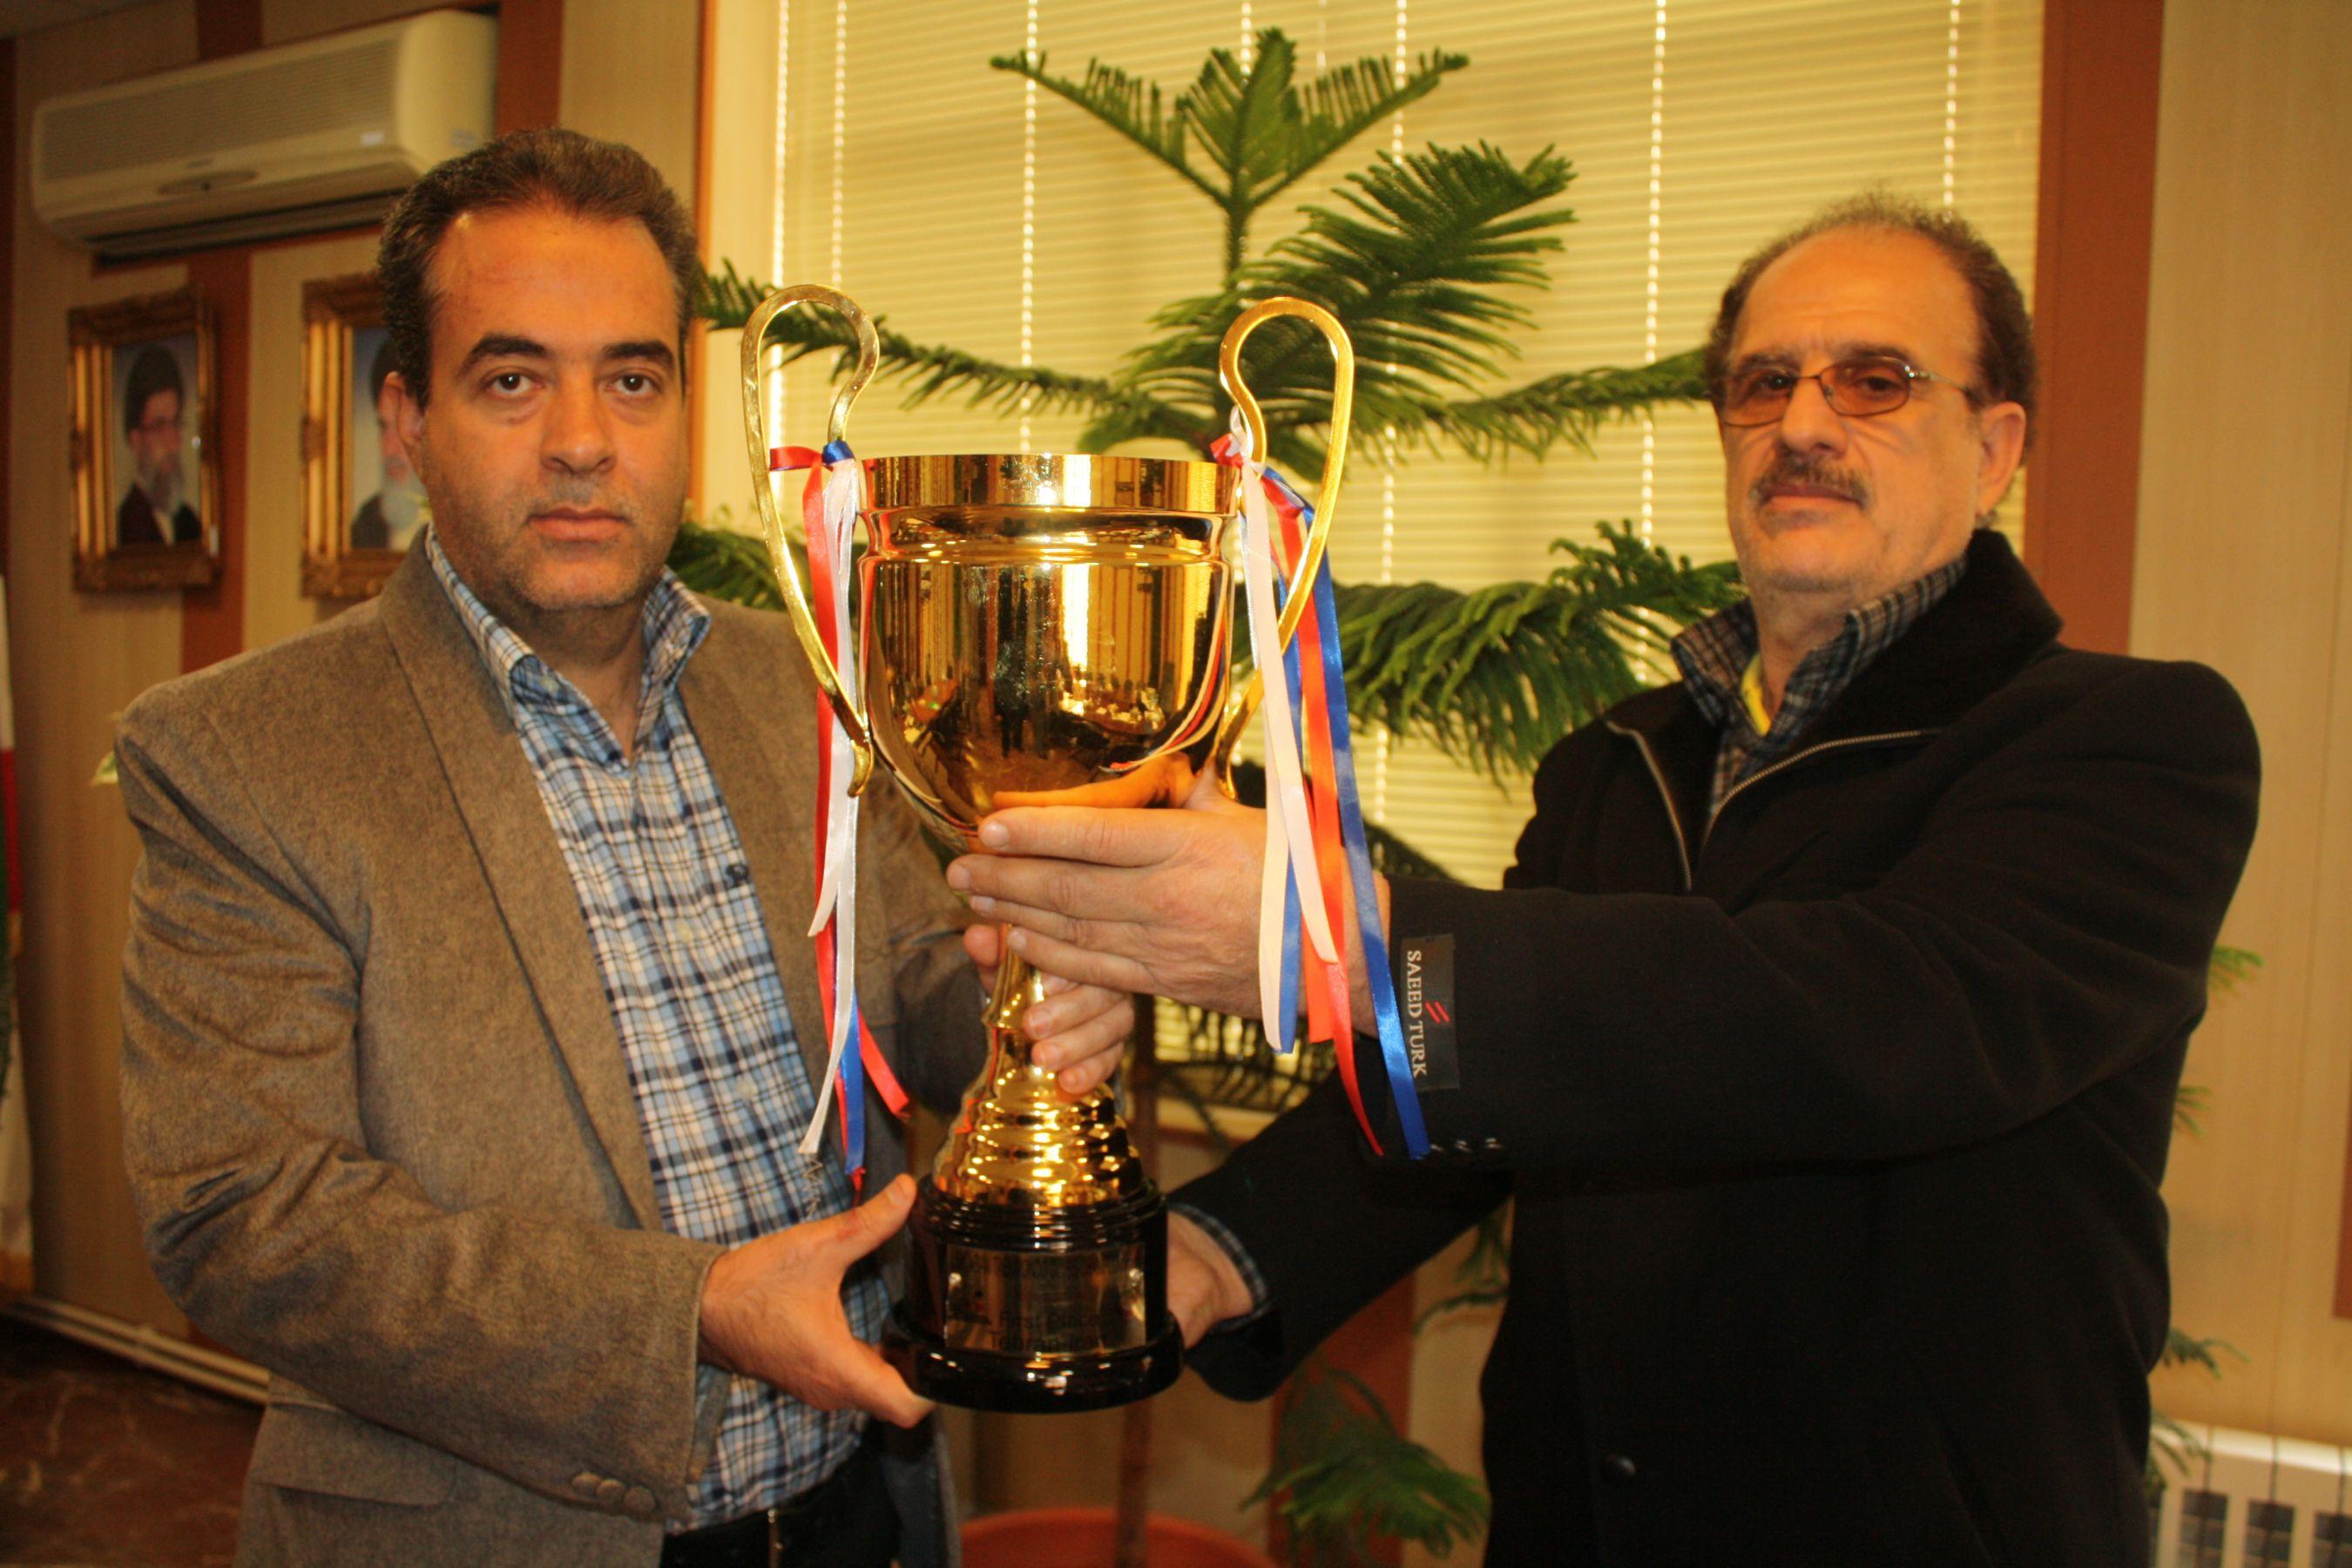 جام قهرمانی تکواندو شهرداری ورامین تقدیم شهردار شد